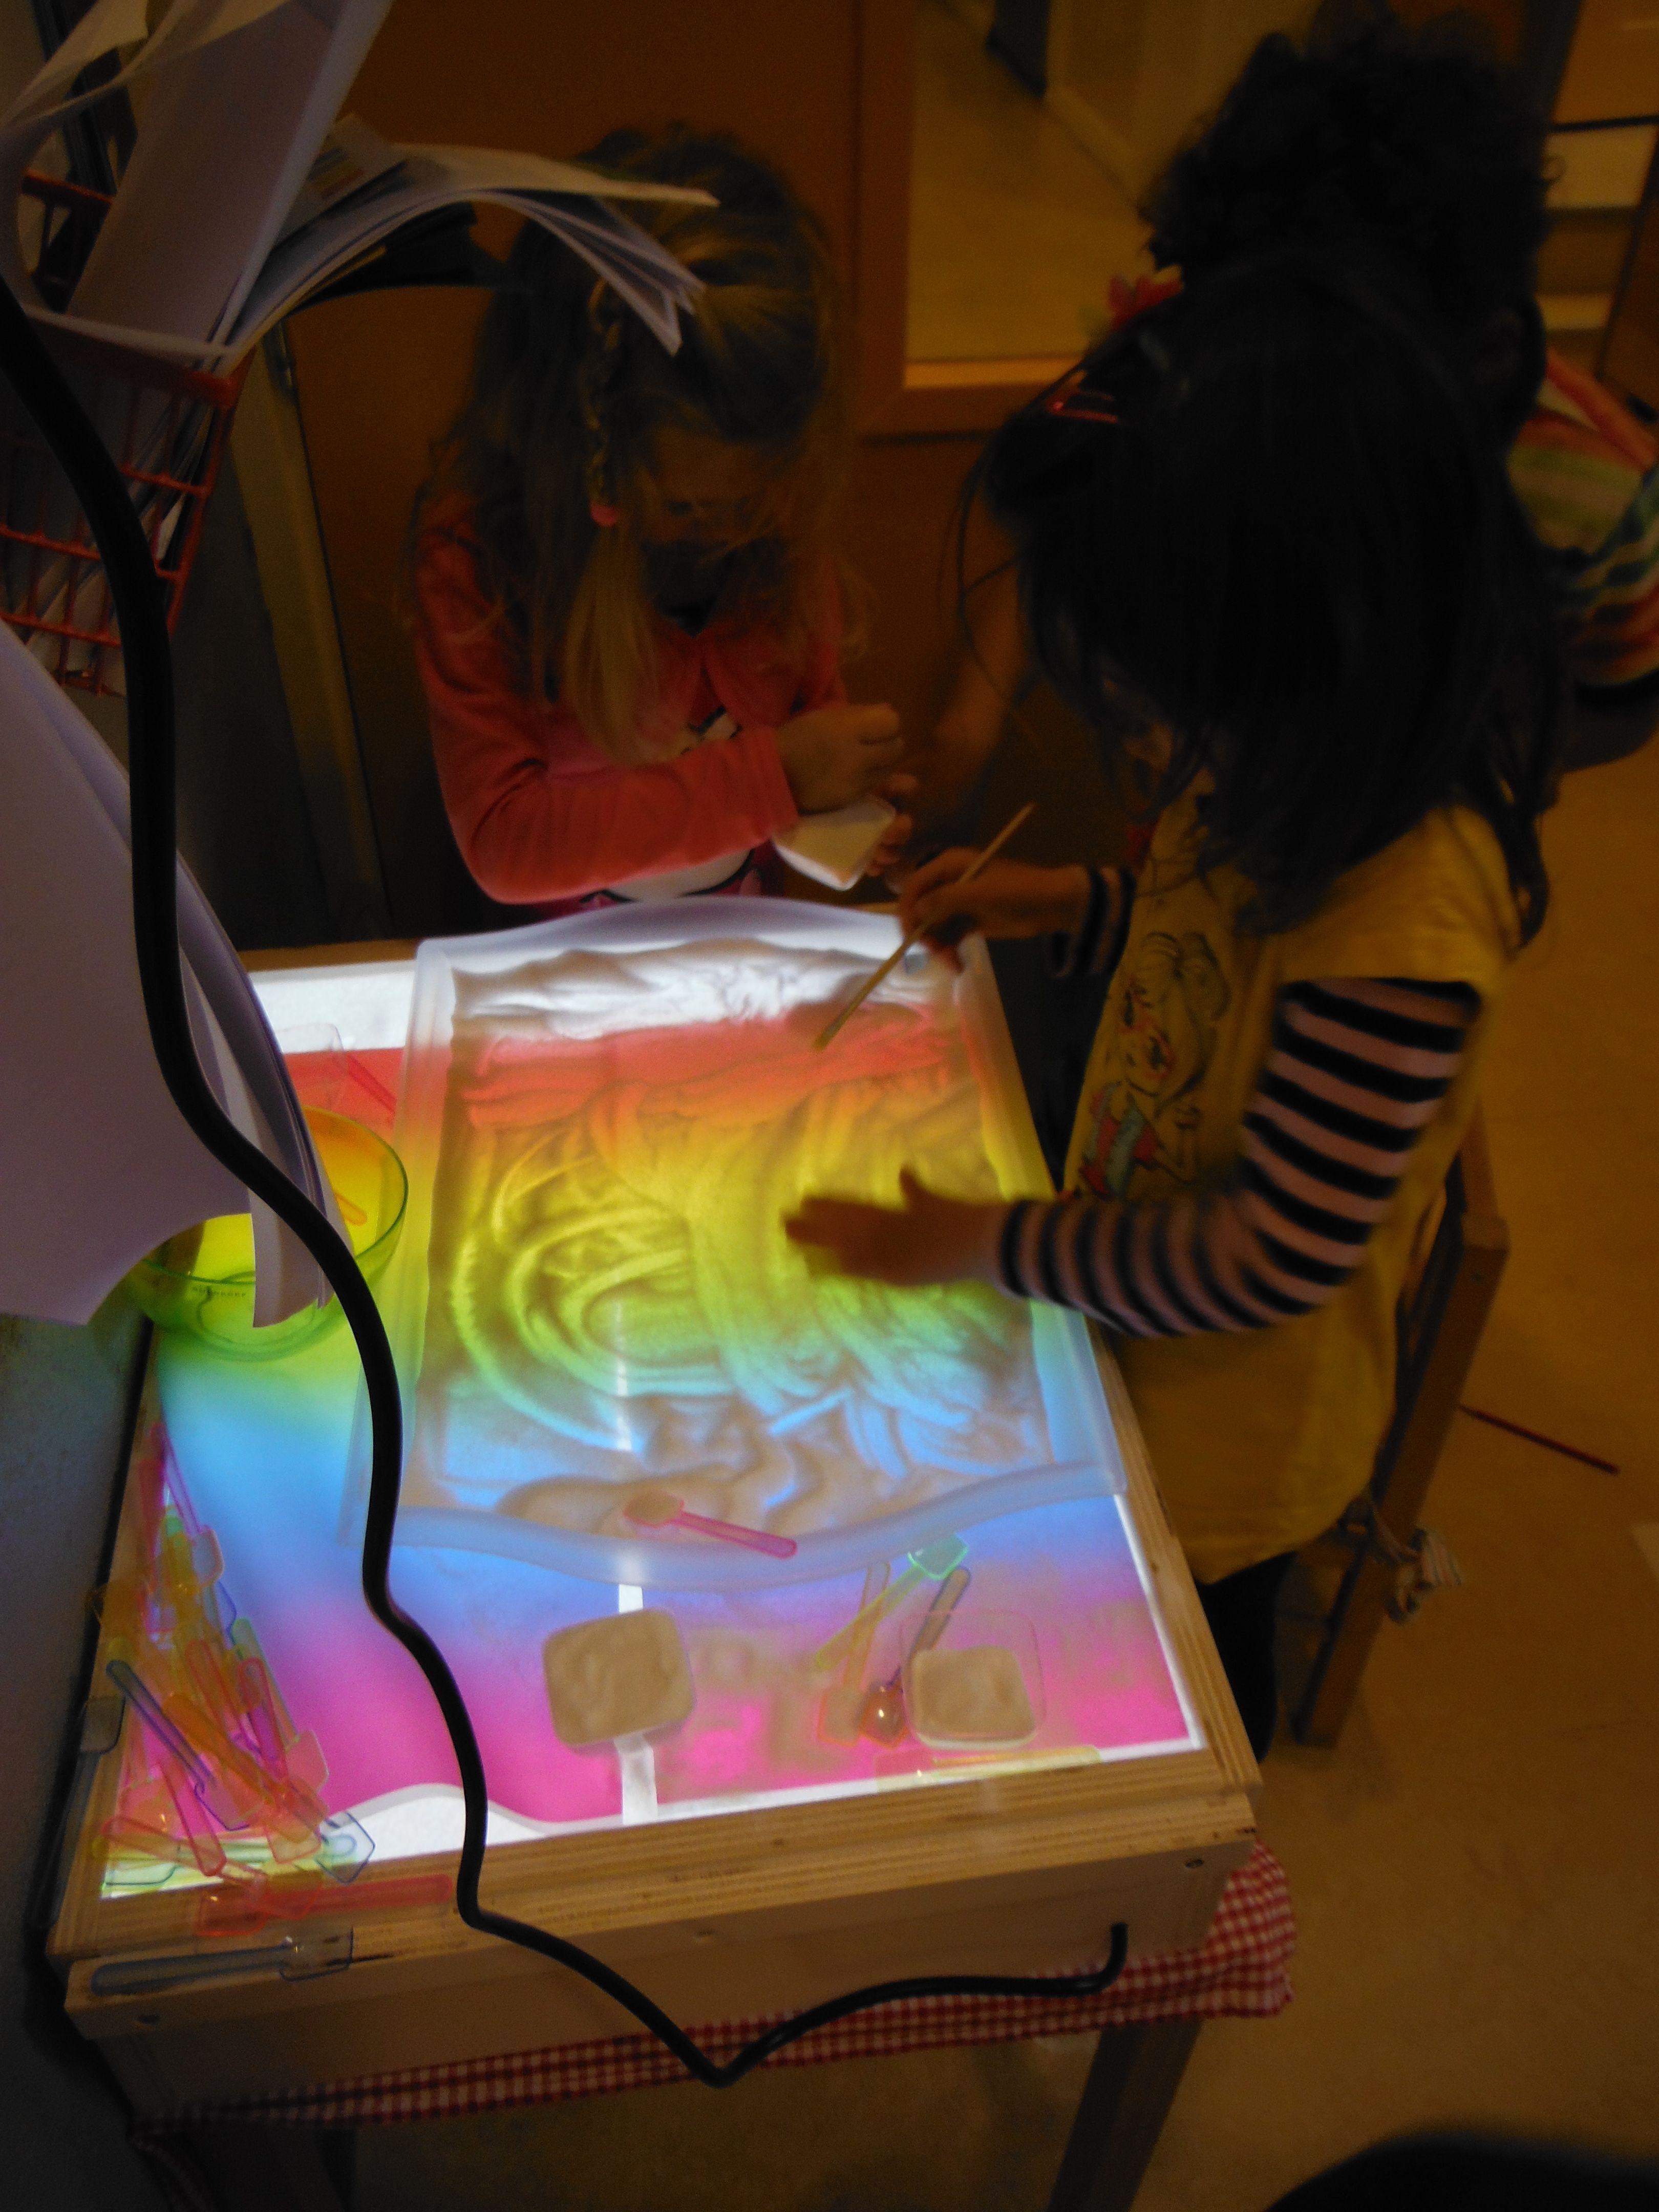 licht tafel zelf gemaakt met led verlichting. transparant dienblad ...